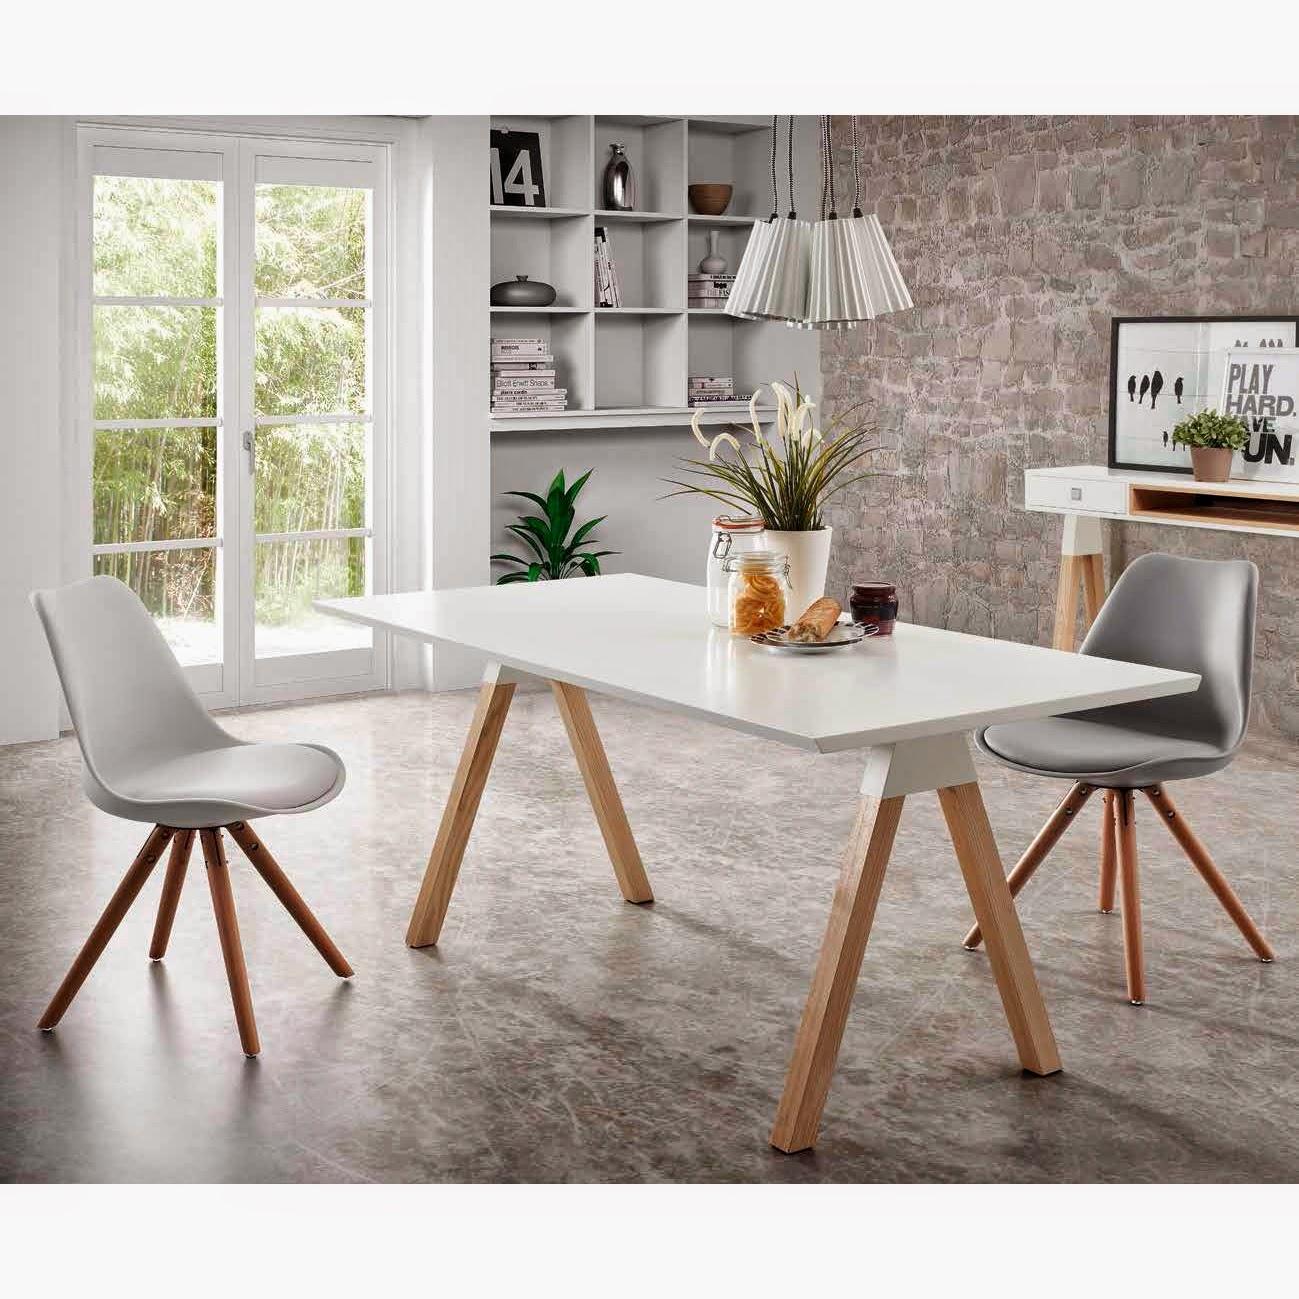 Muebles de comedor lamparas para renovar el comedor - Muebles estilo escandinavo ...